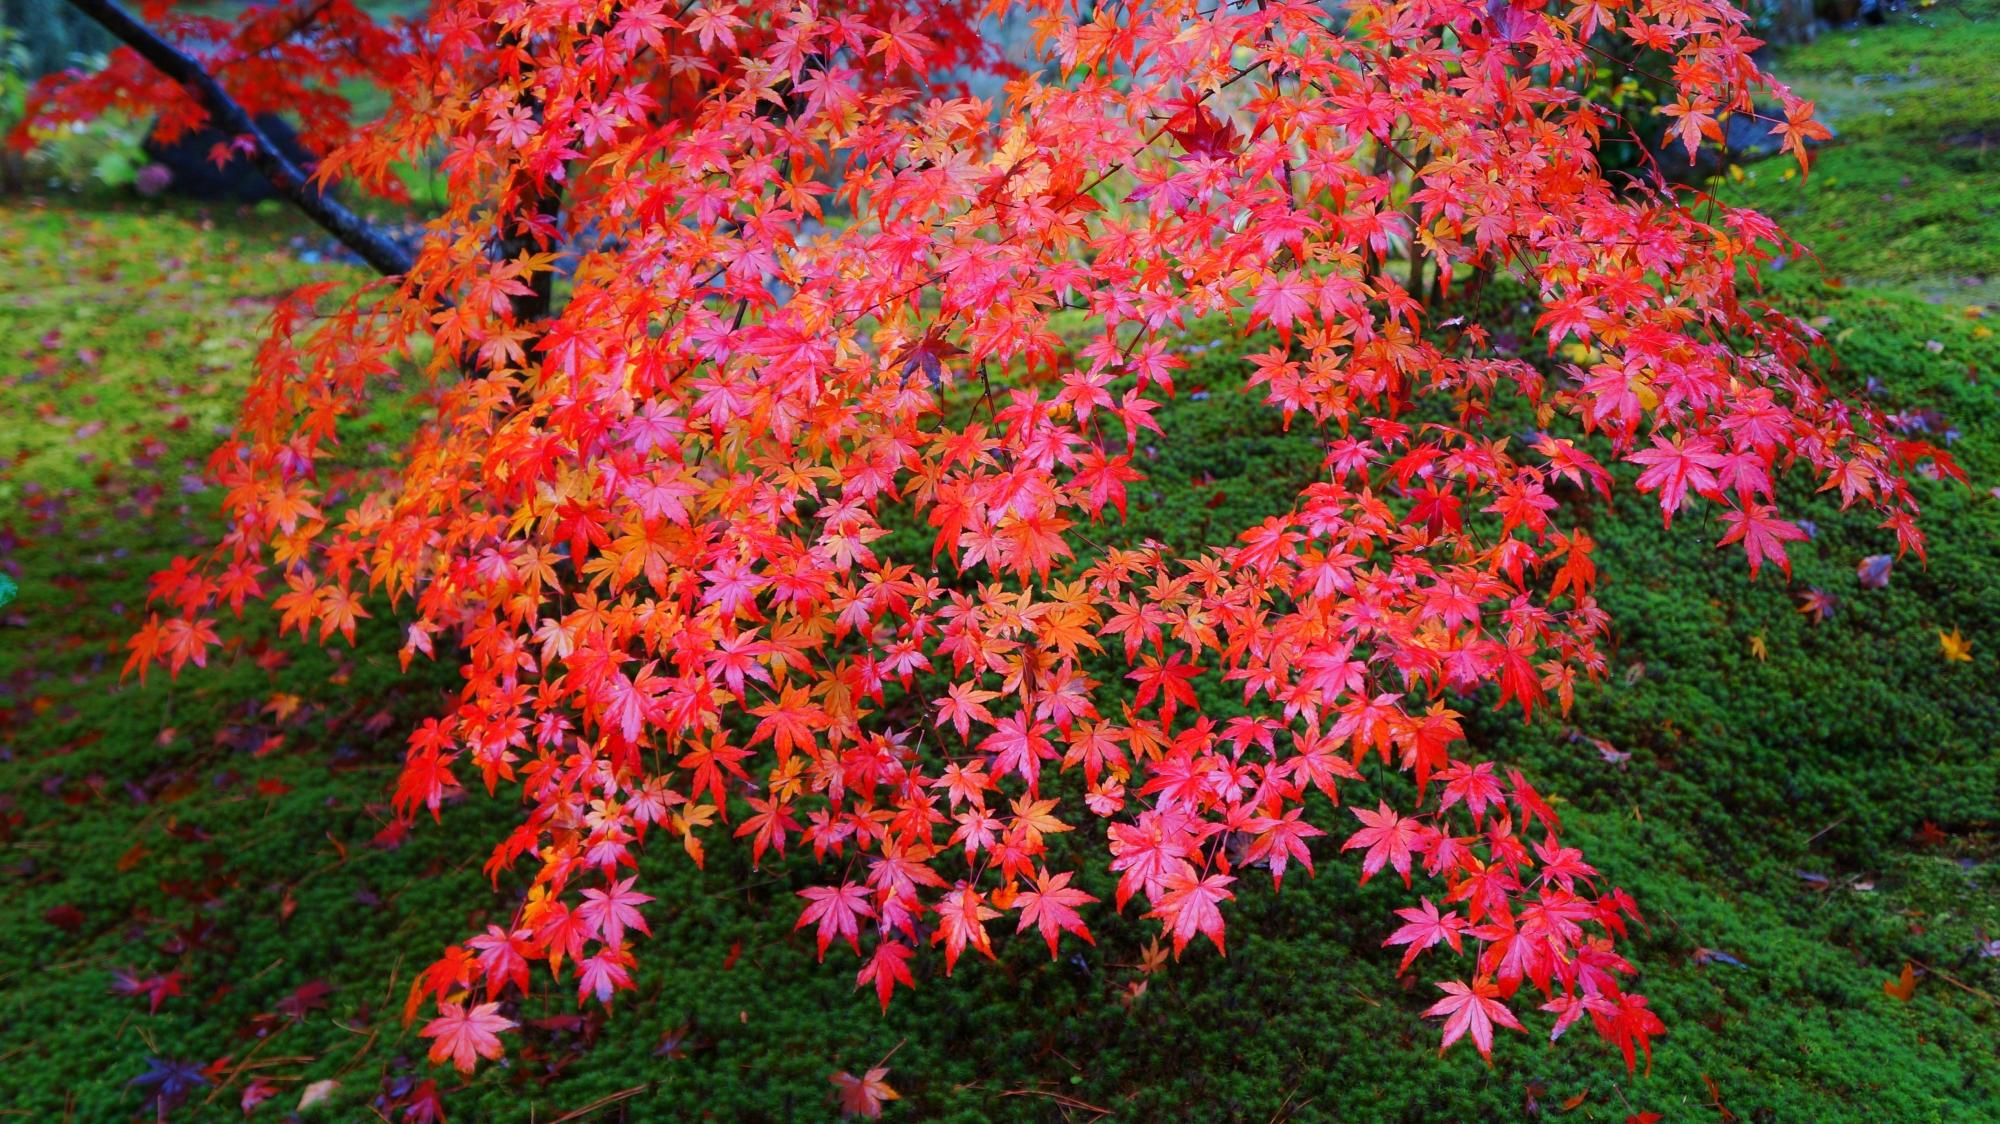 宝厳院の緑に映える赤い紅葉